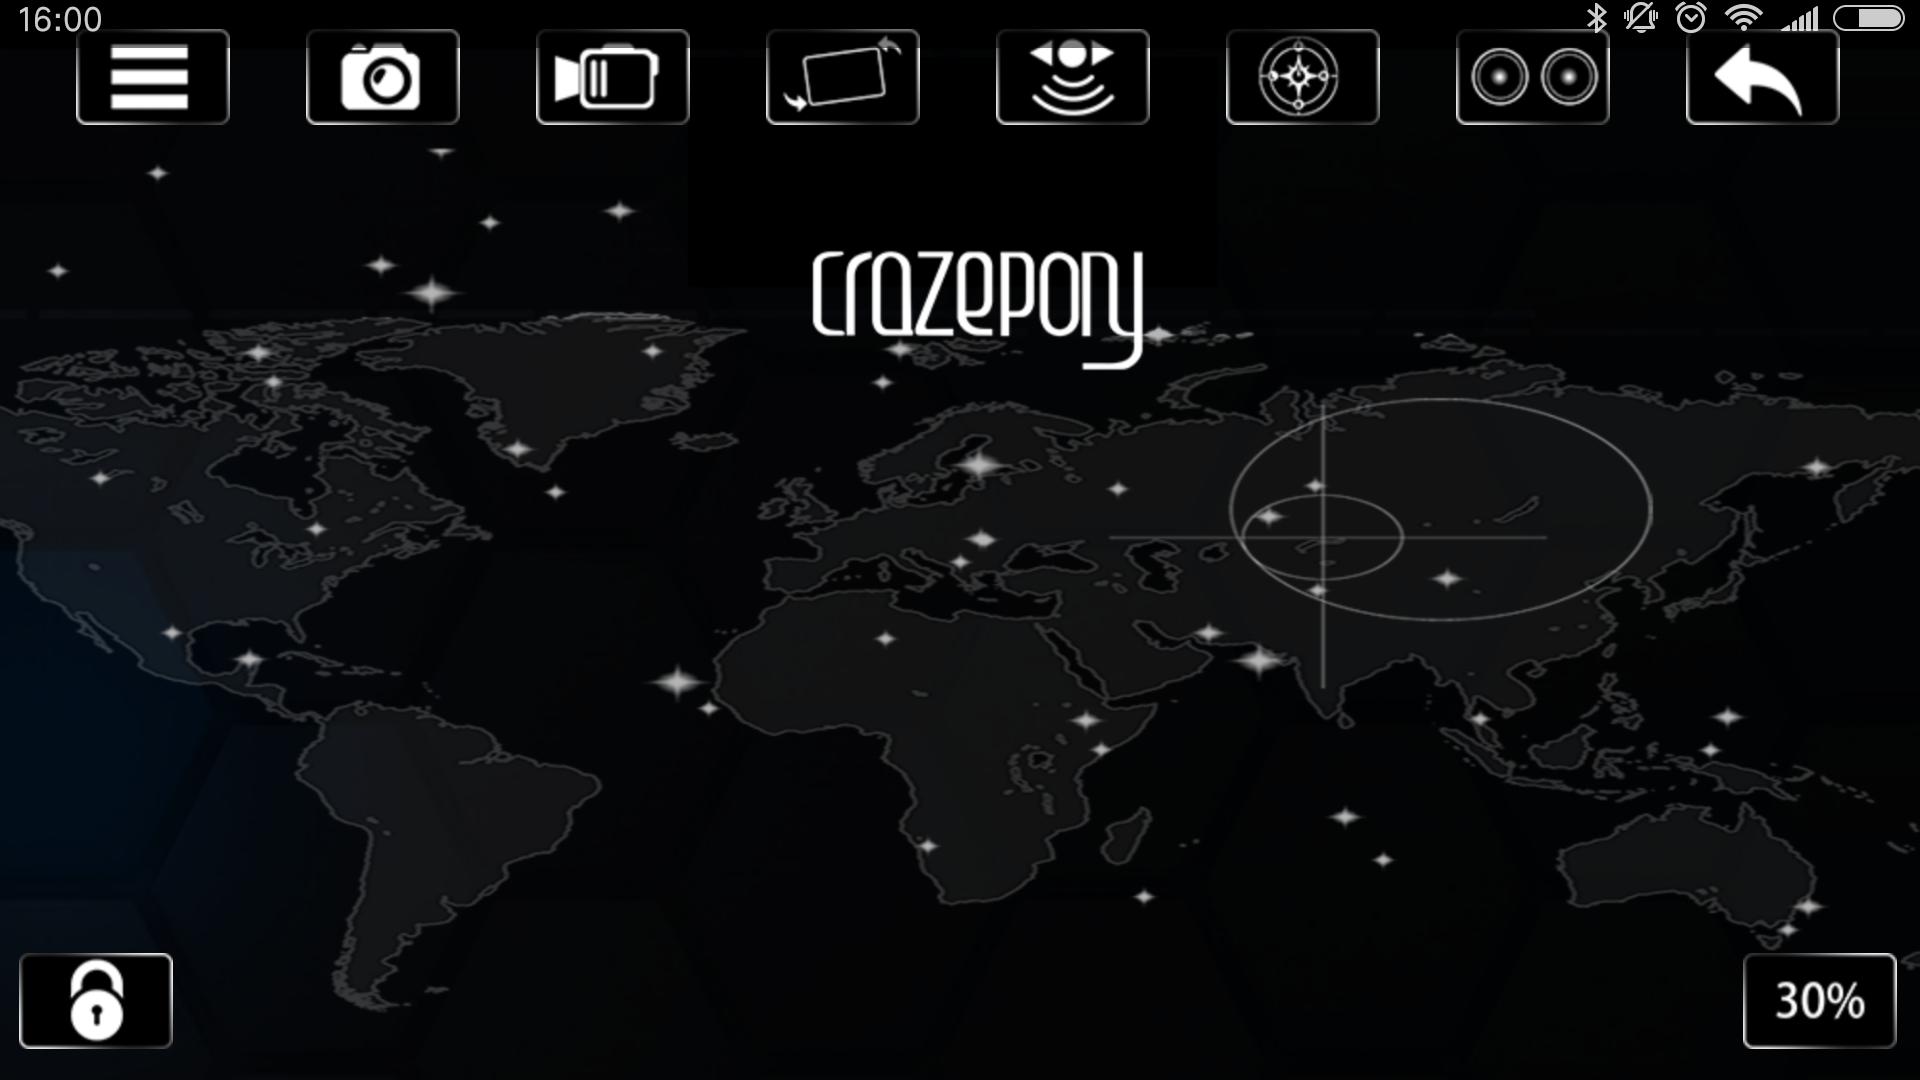 CrazeponyⅡ